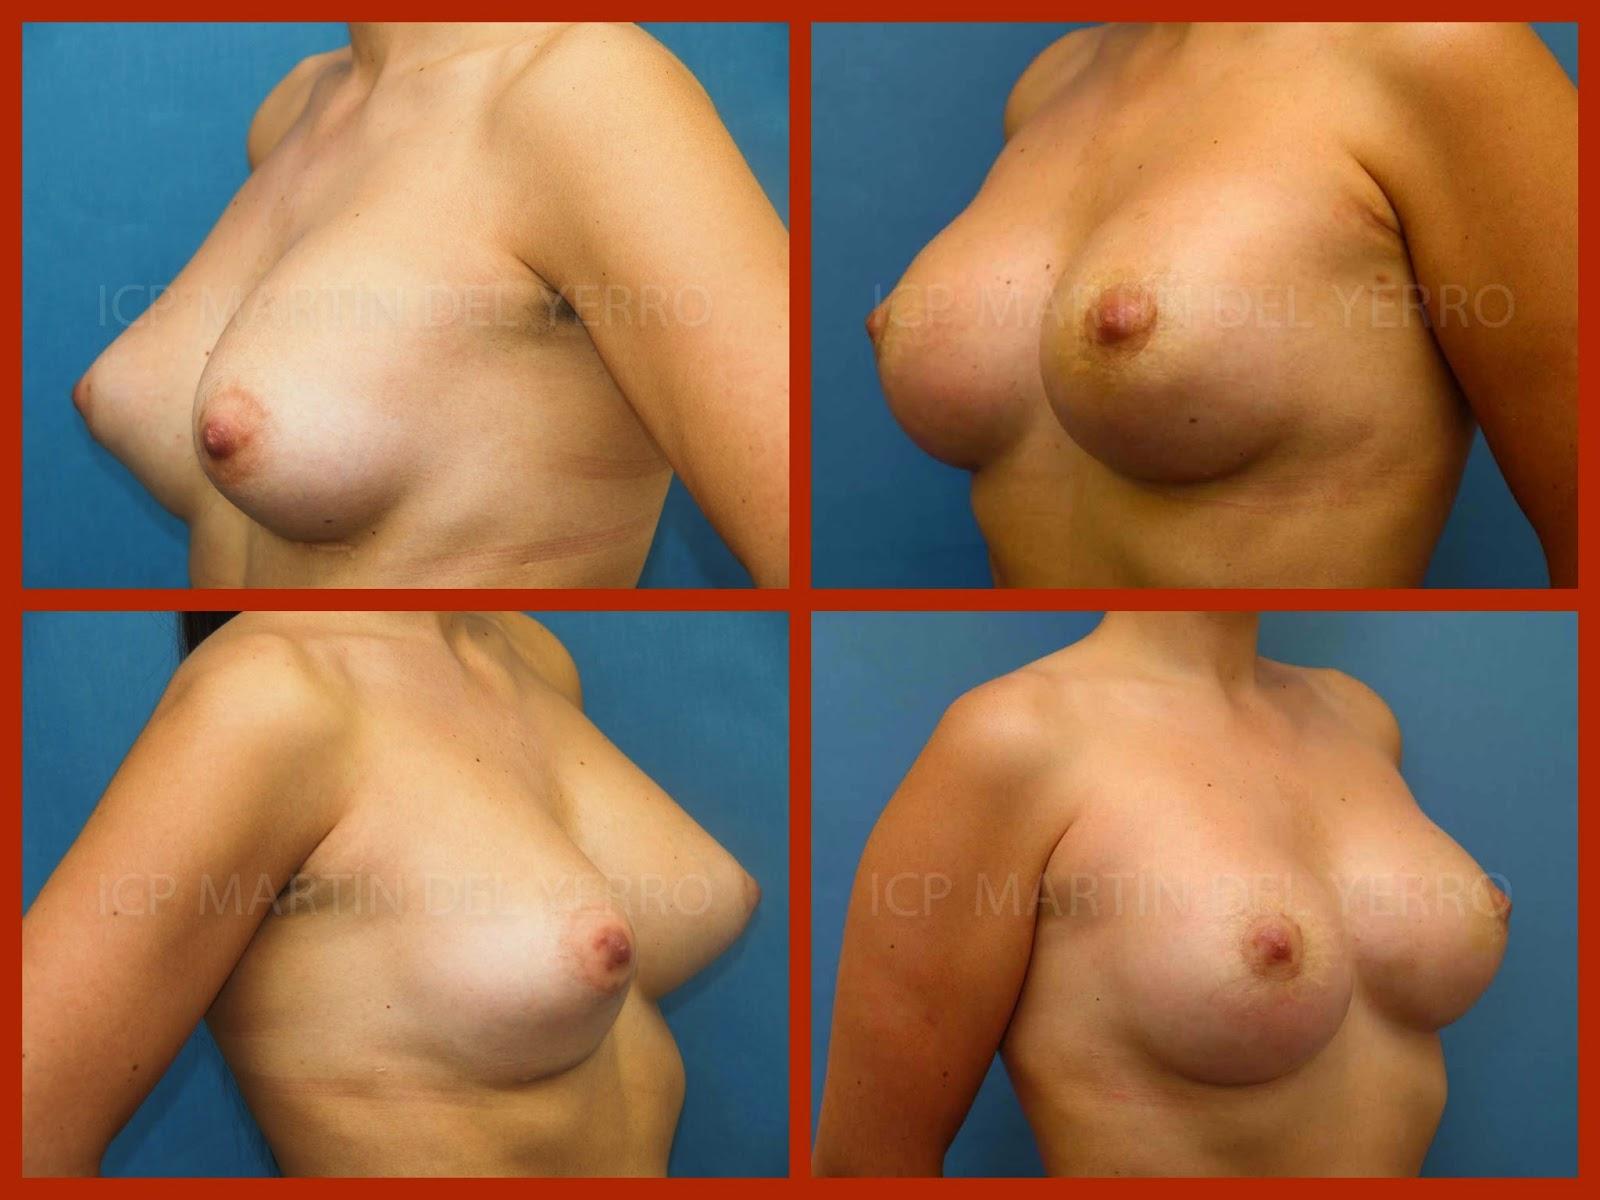 antes y después de cirugía secundaria de una mama tuberosa operada por el Dr. Moreno en Madrid